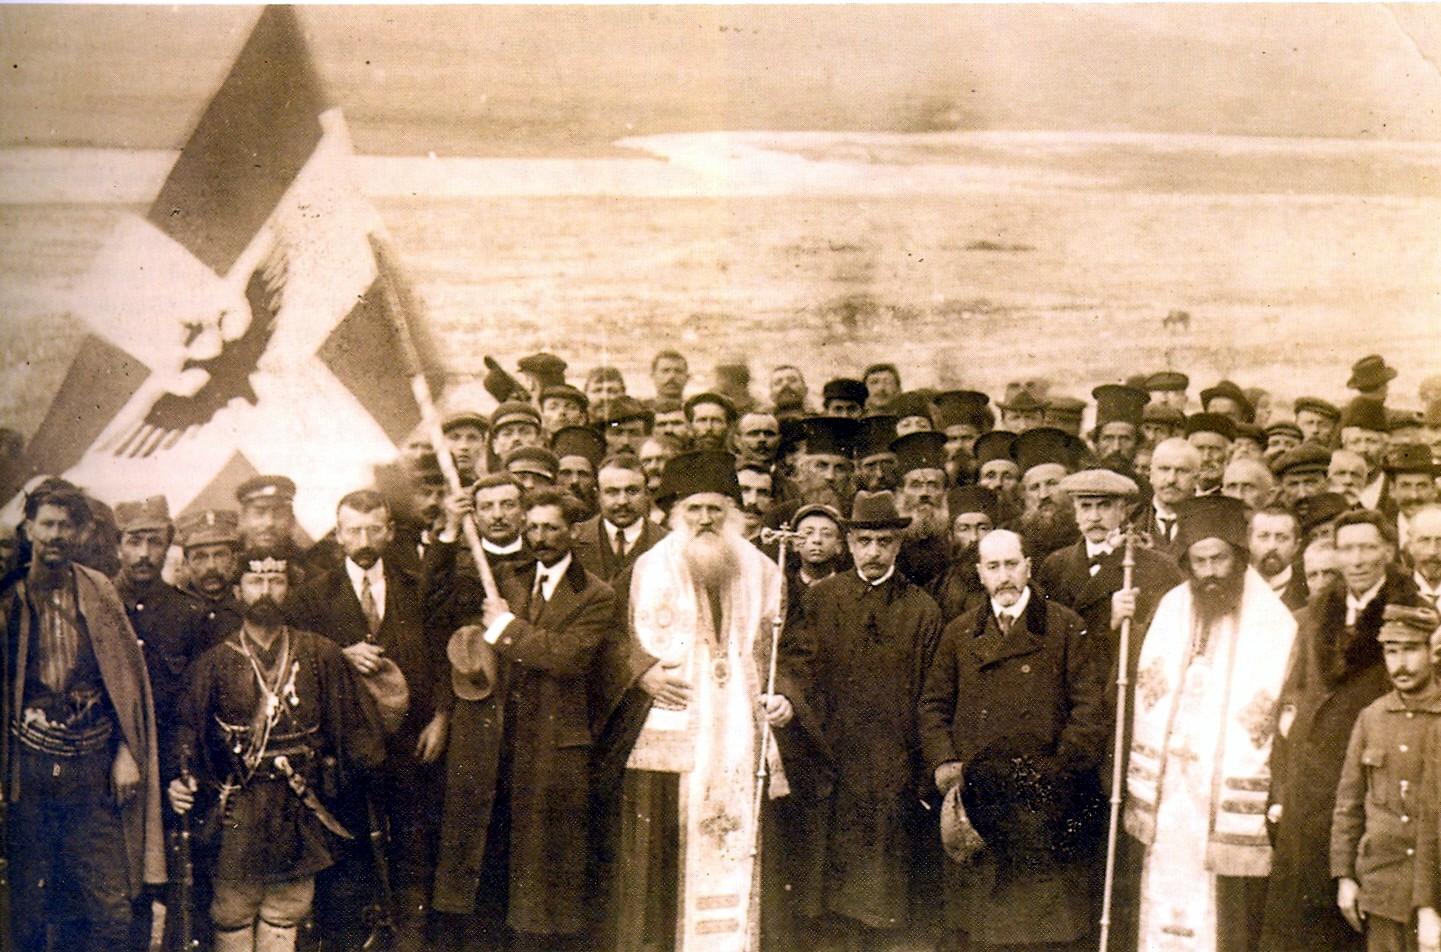 Прогласување на грчката автономија во Северен Епир (Јужна Албанија), 1914.